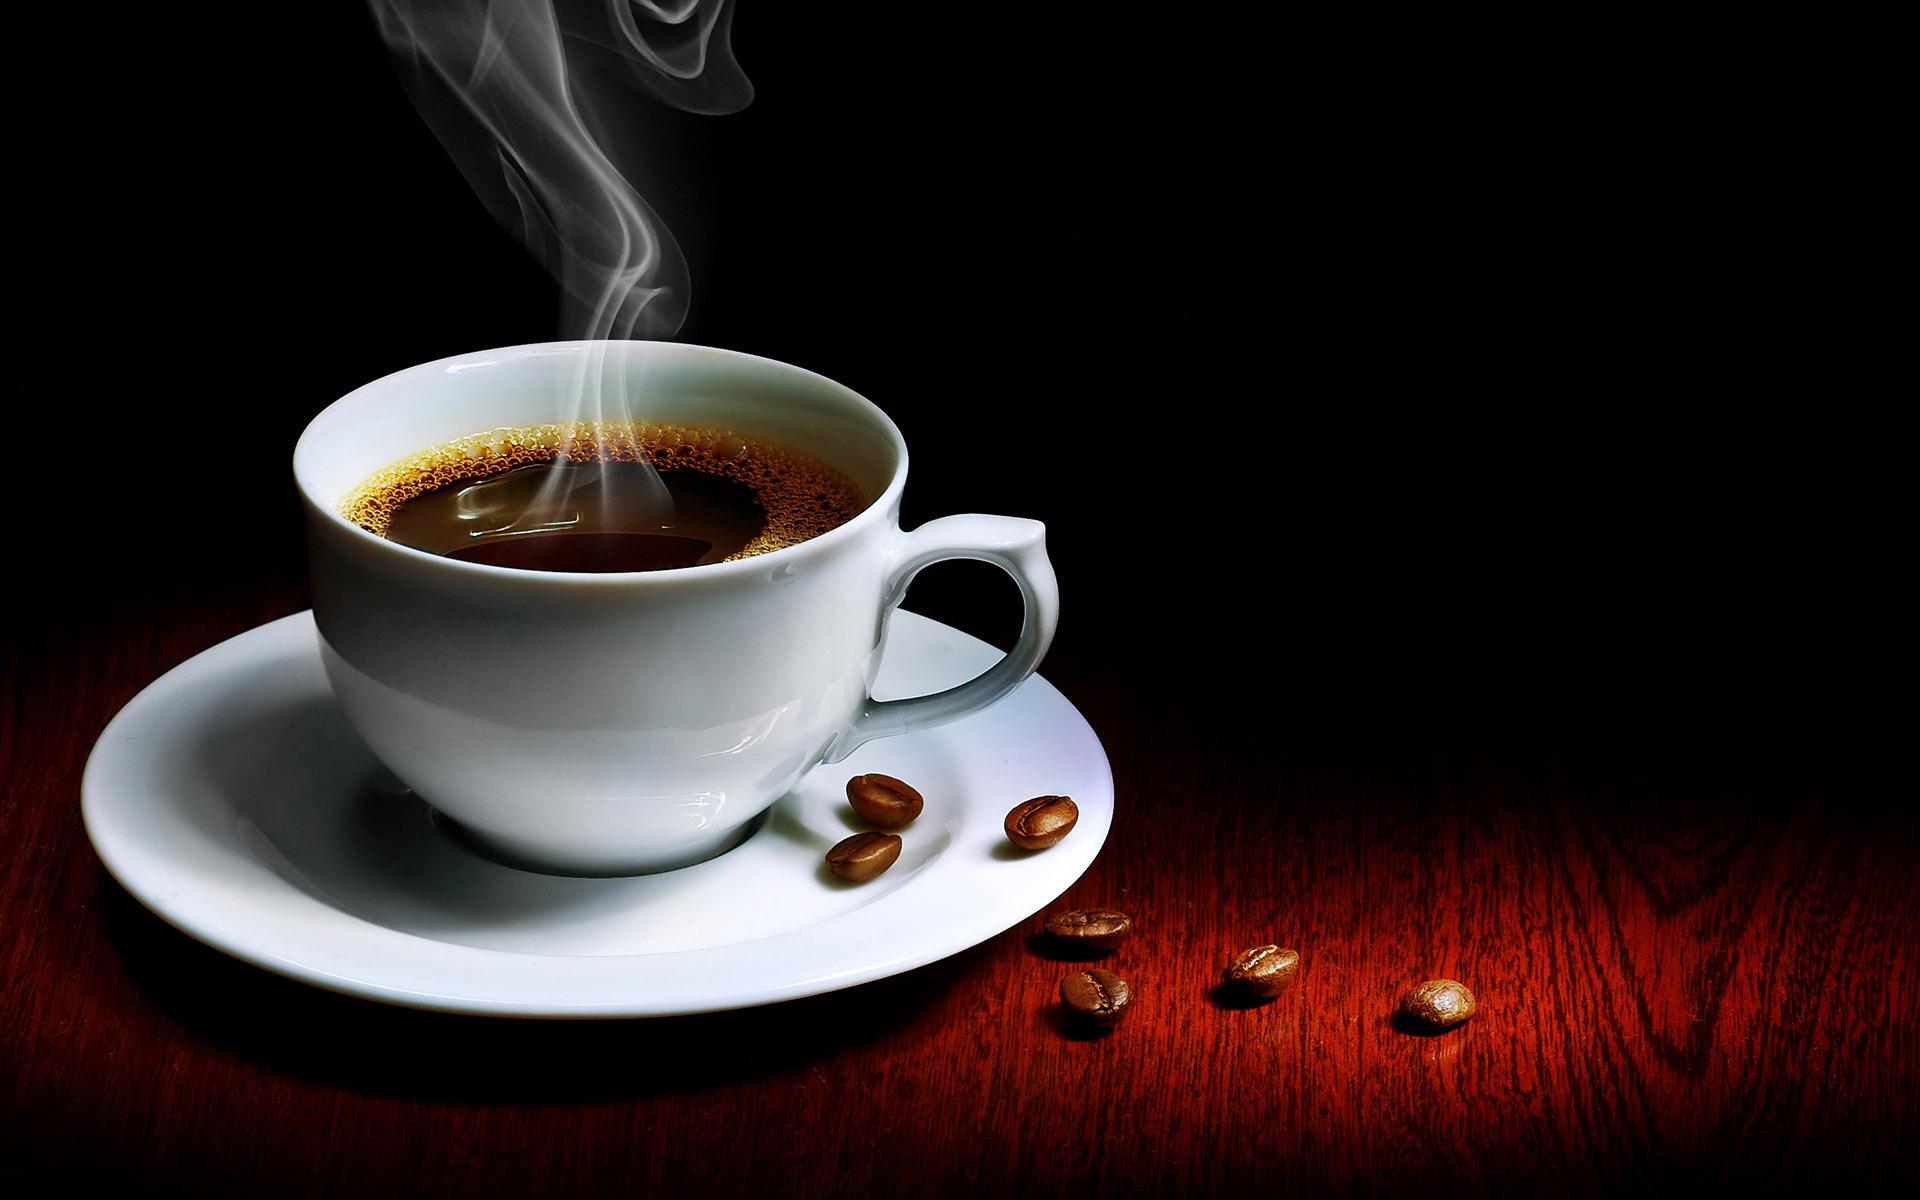 Ini Dia Manfaat dan Efek Samping Green Coffee Bean yang Perlu Anda Ketahui